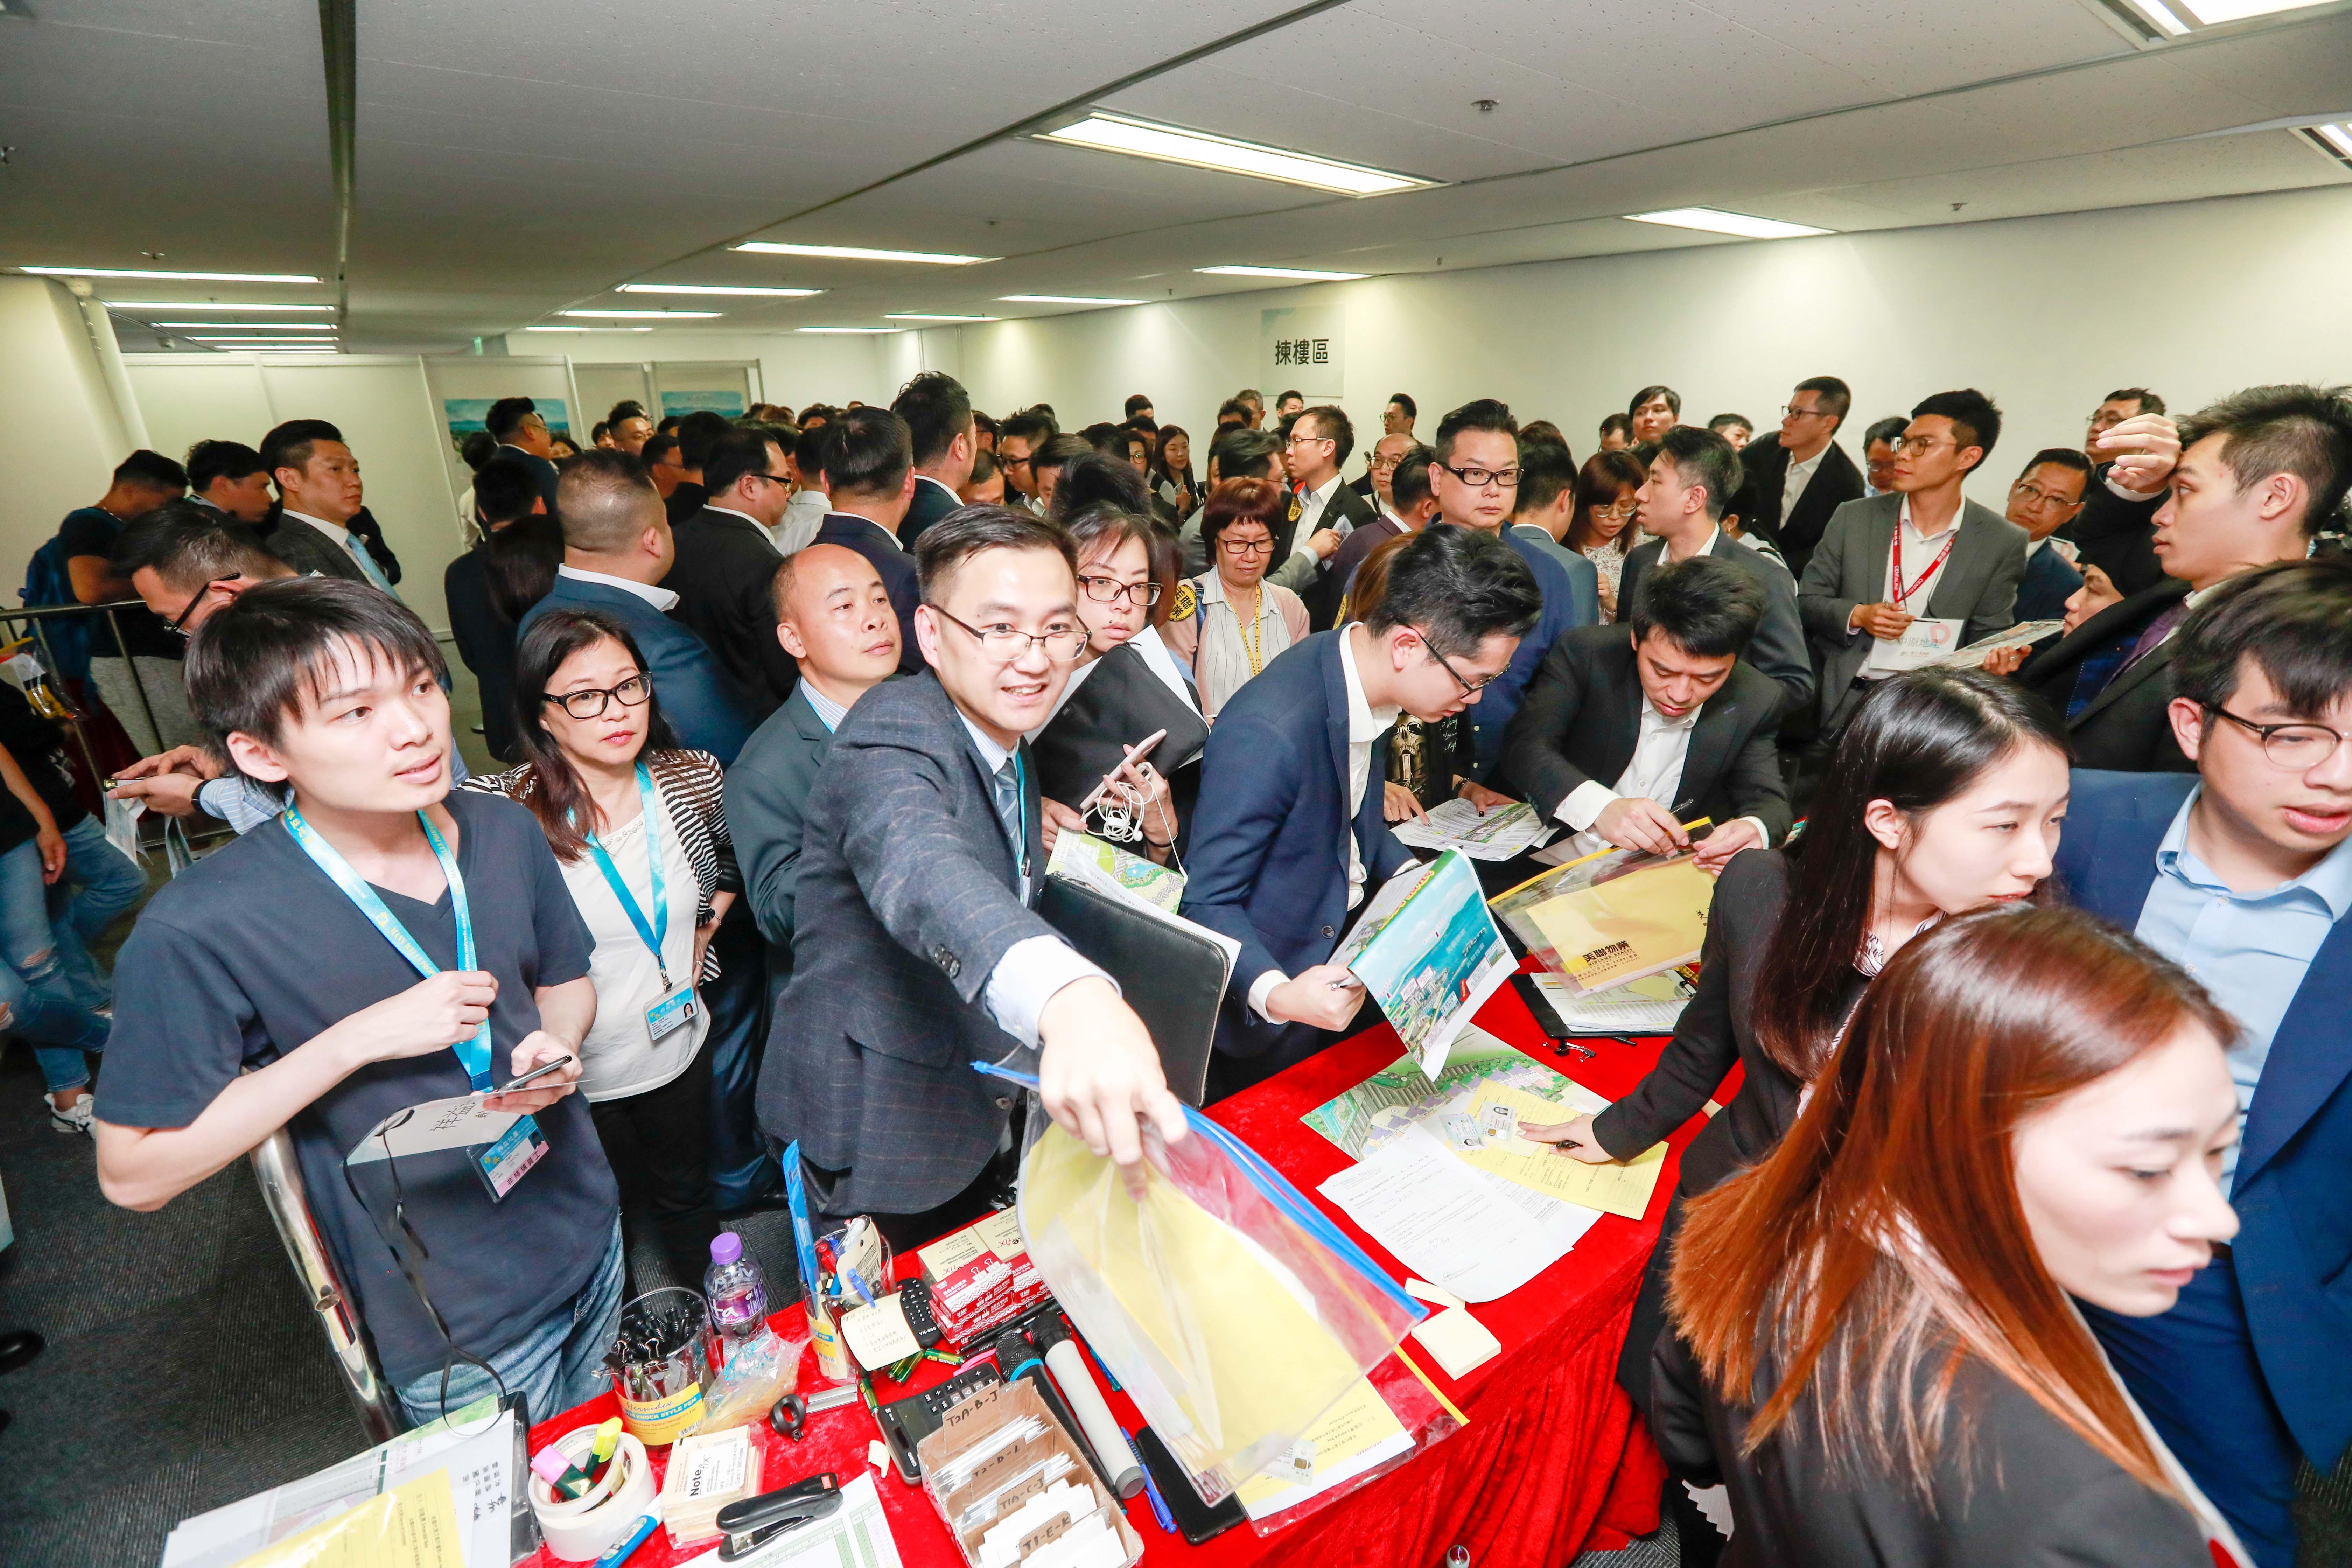 恒大香港首个项目受到香港市民热捧